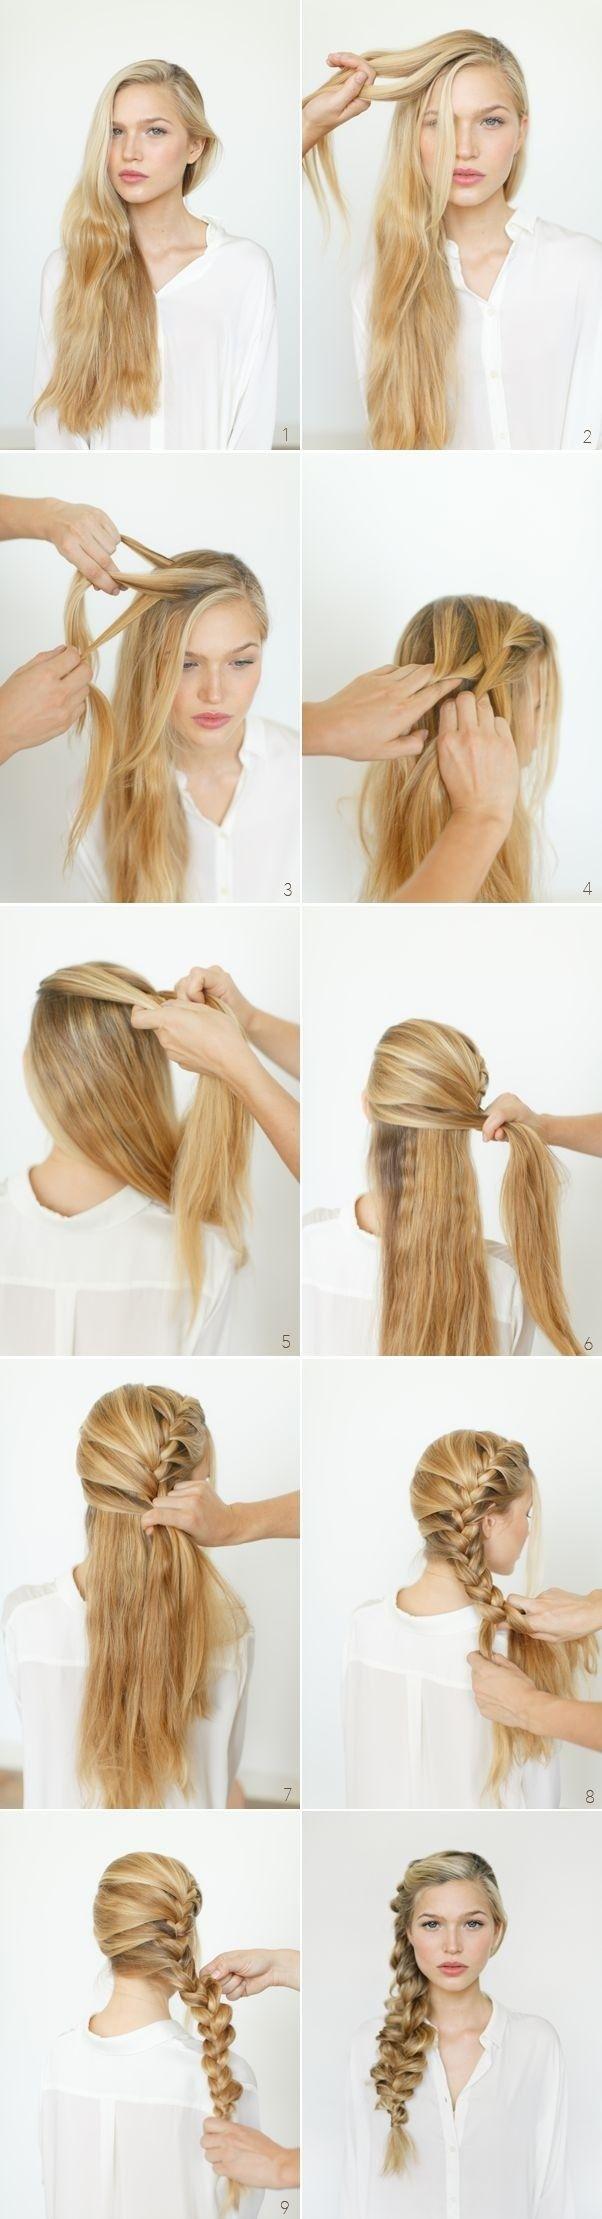 cute braided hairstyles for girls long hair ideas side braid